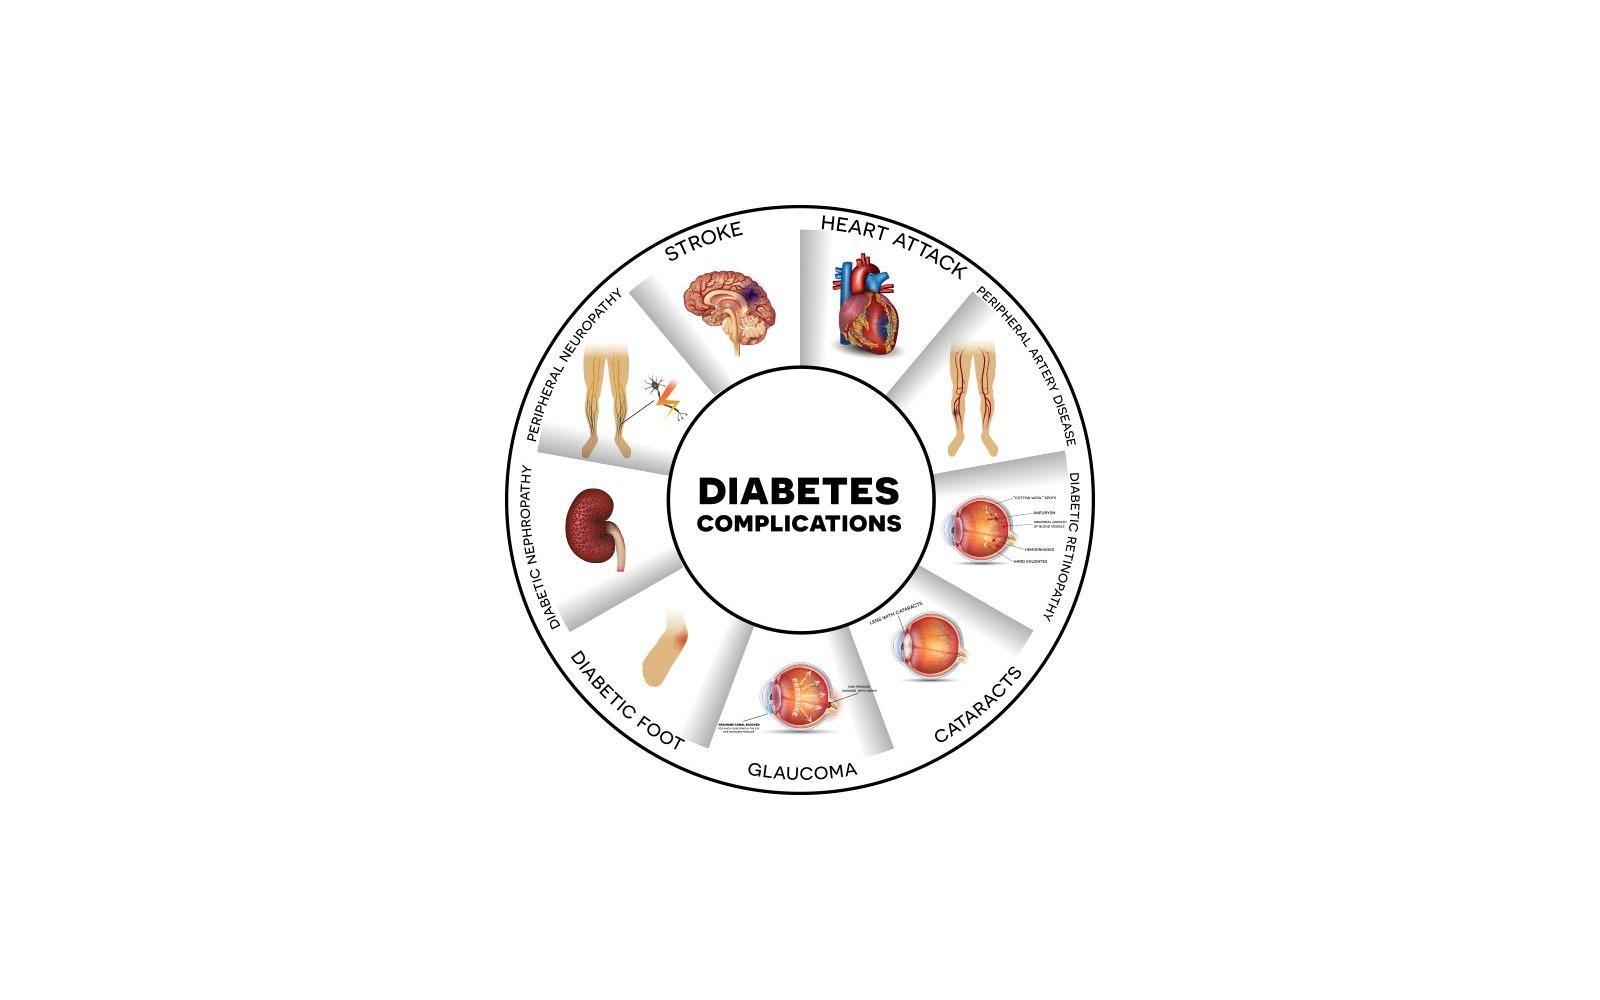 Bagaimana Diabetes Bisa Memicu Stroke?